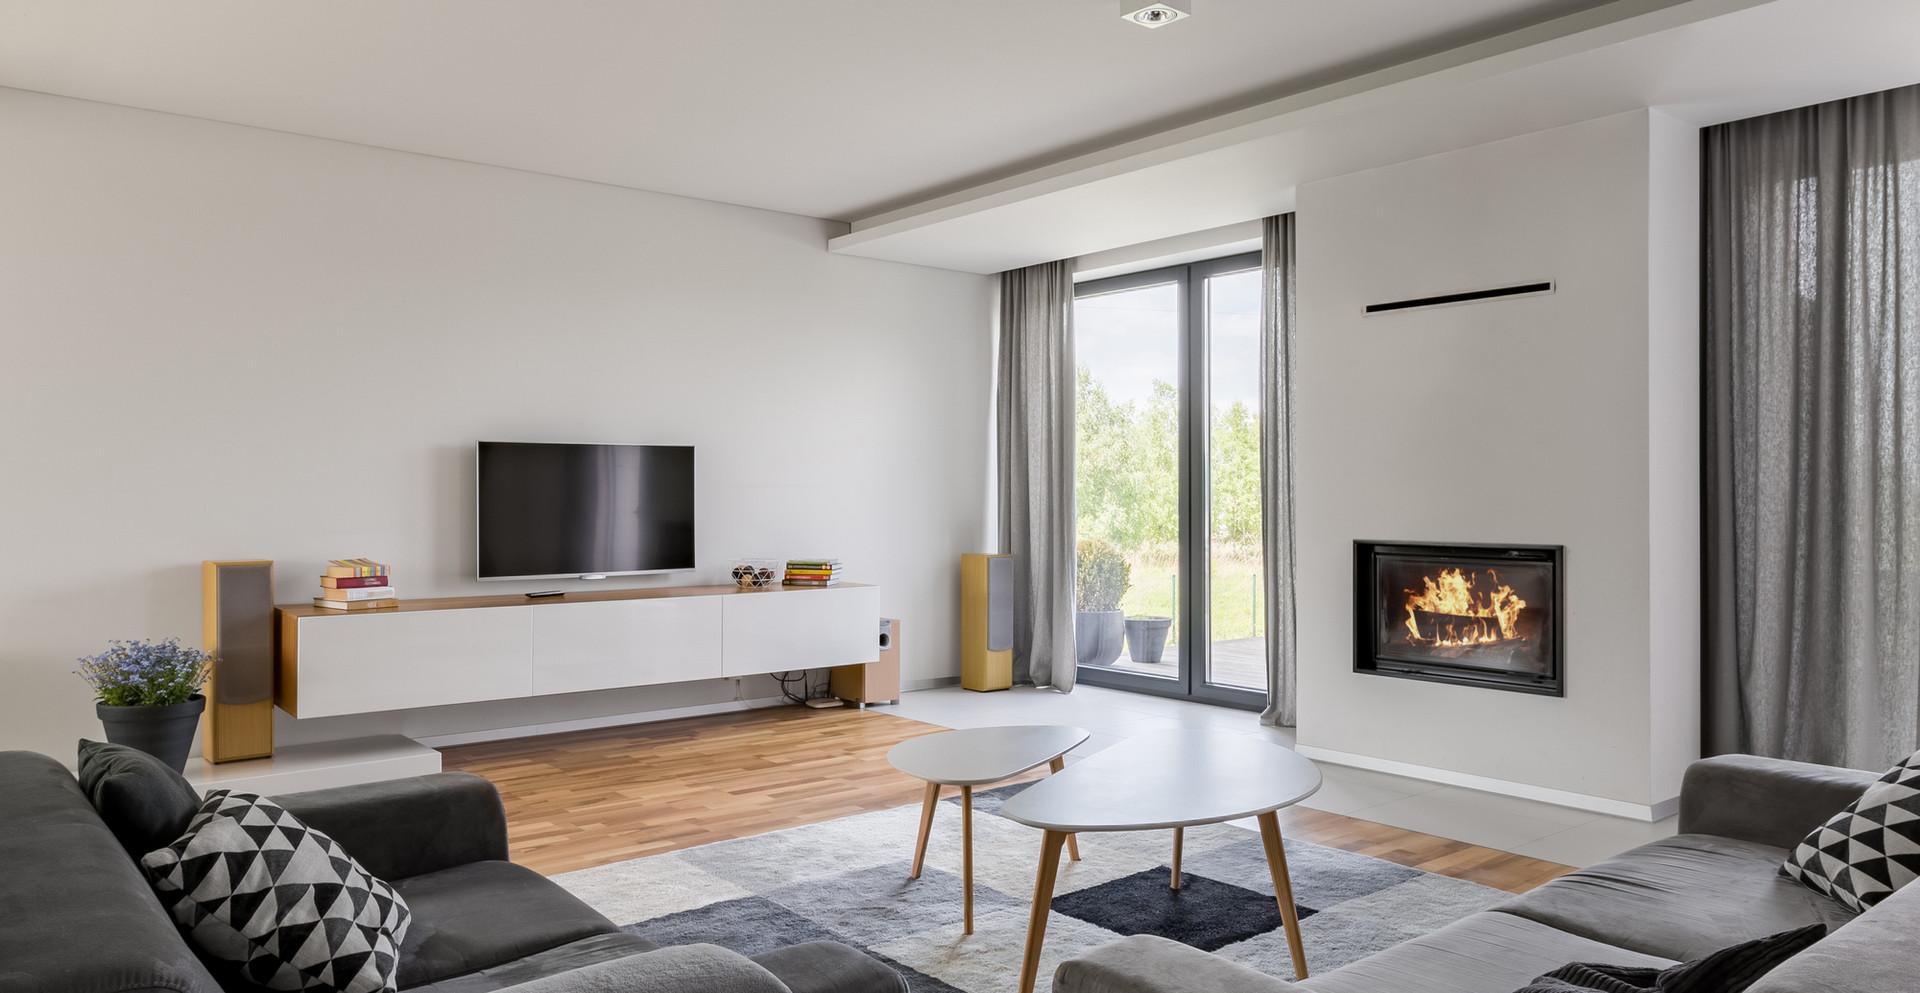 Sala de estar blanca y gris